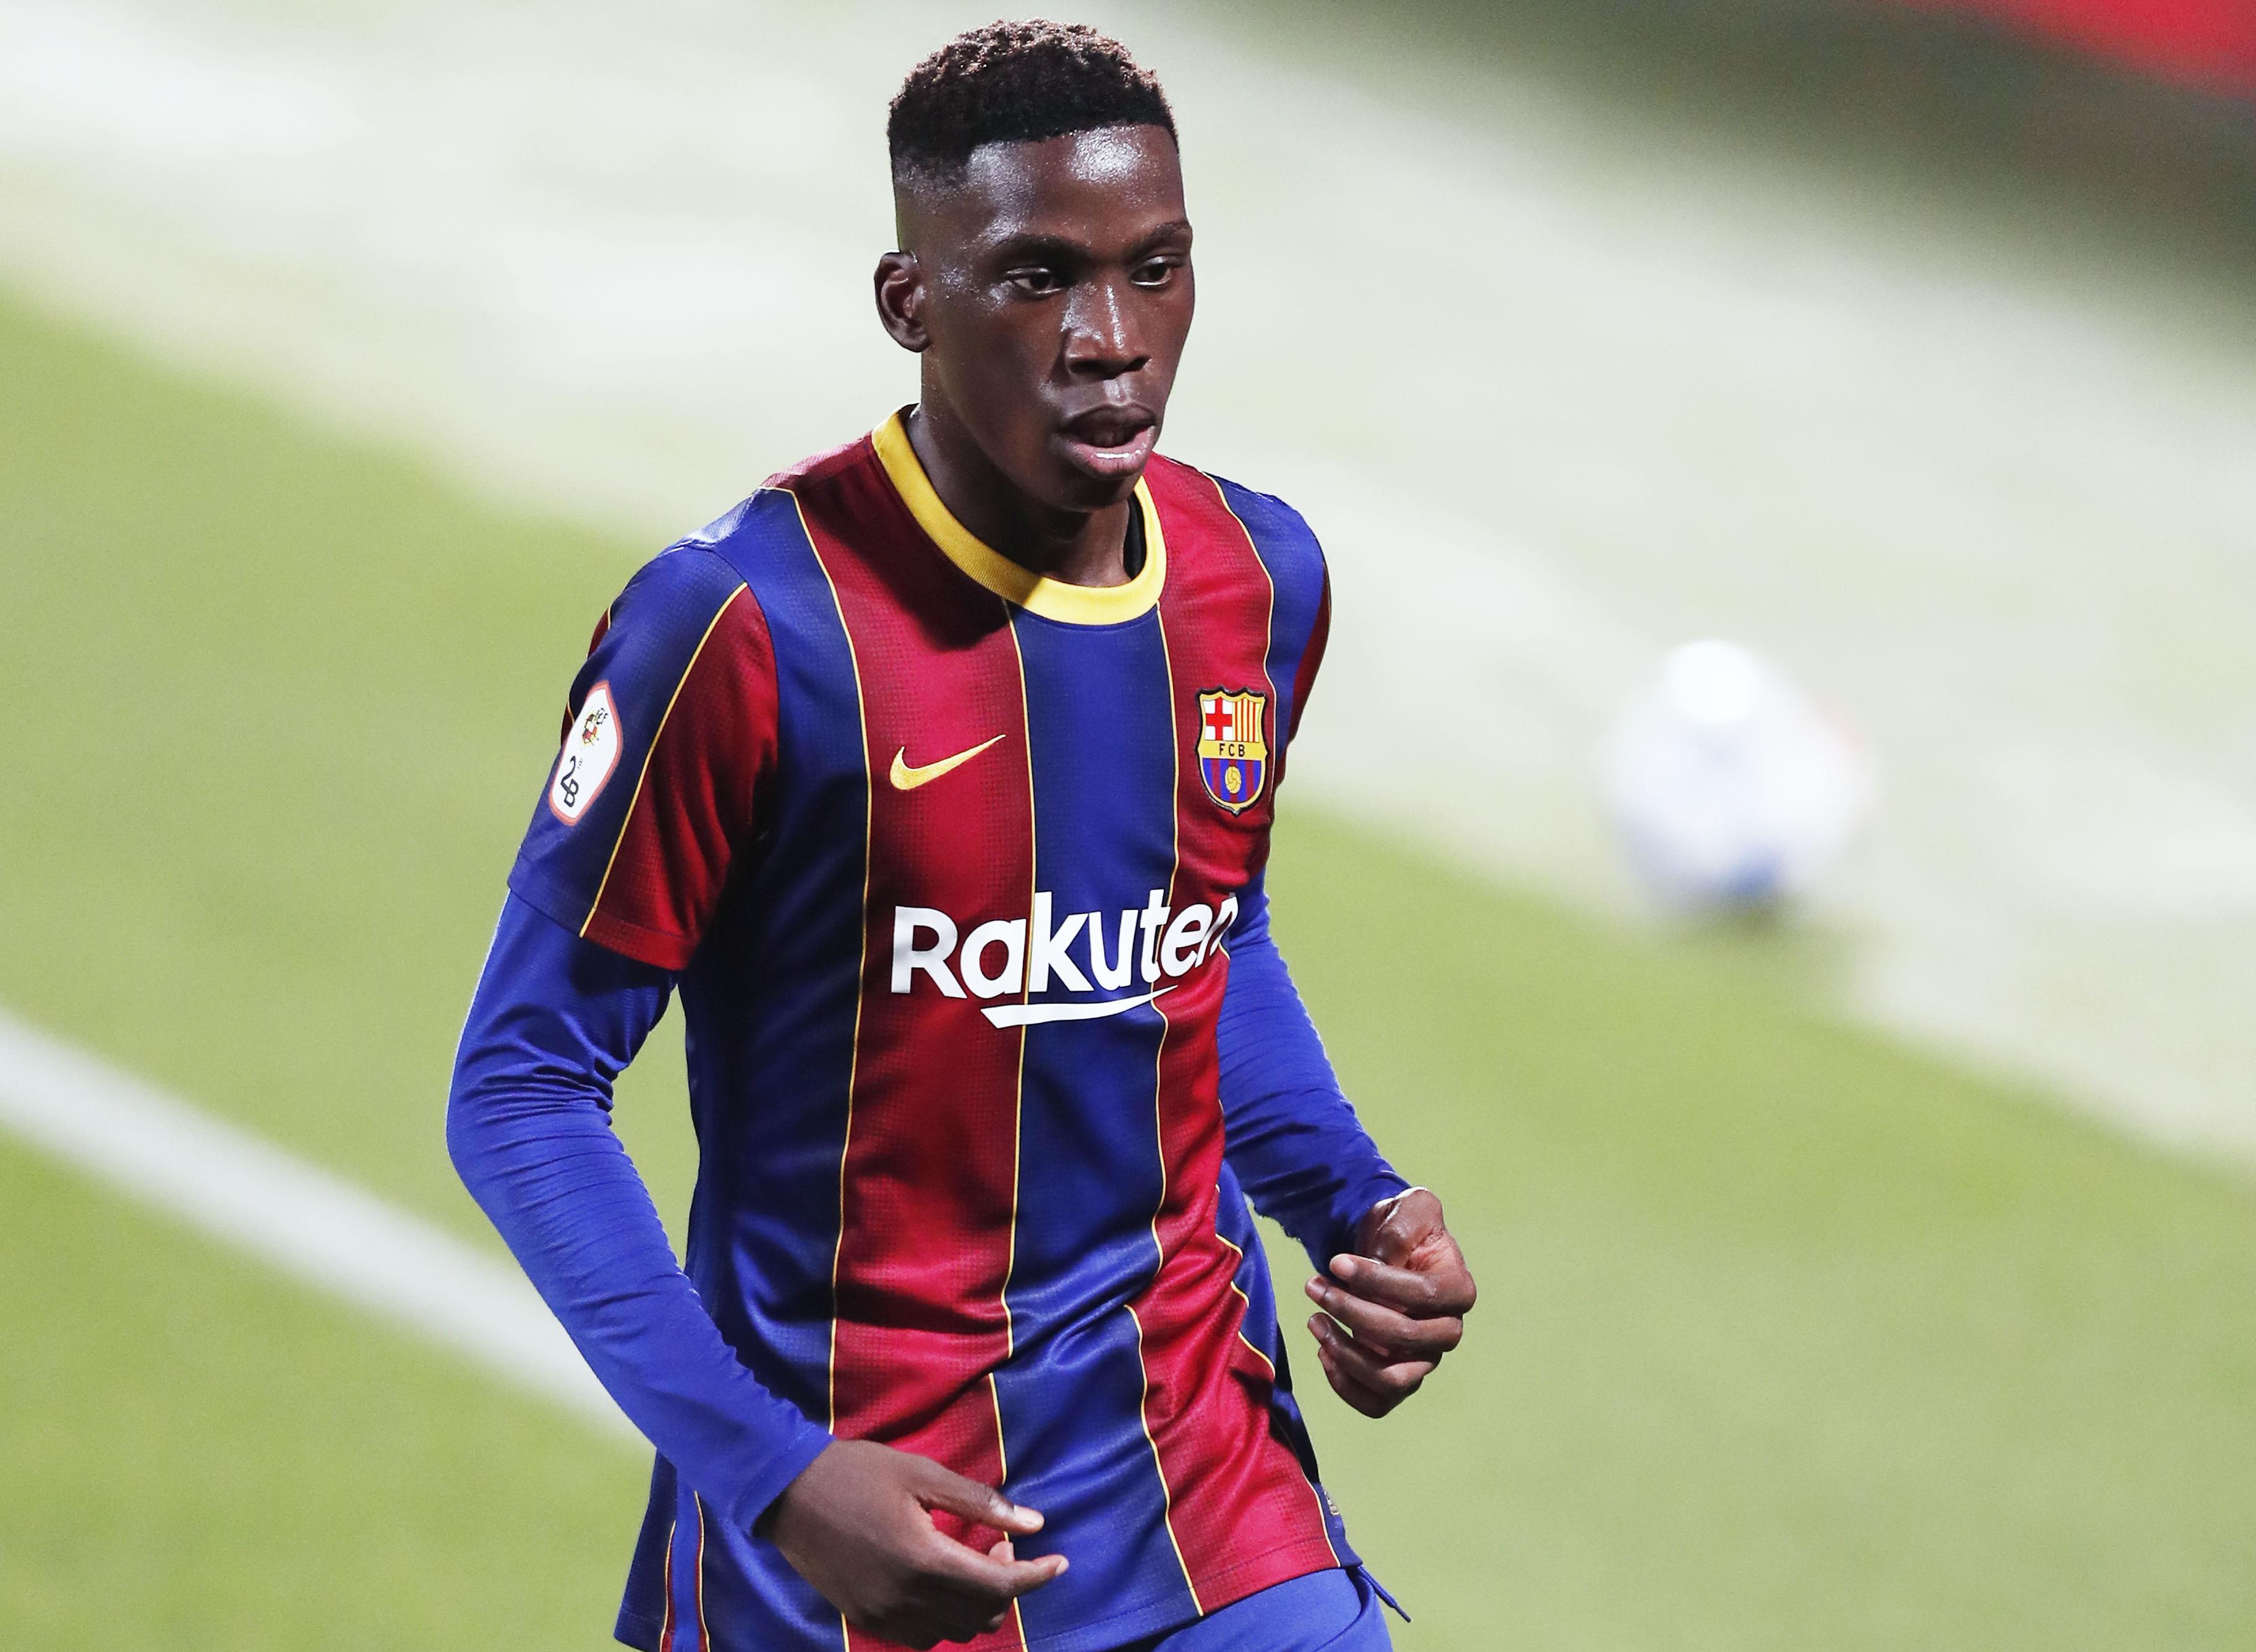 Ilaix Moriba từ chối rời Barca - Bóng Đá